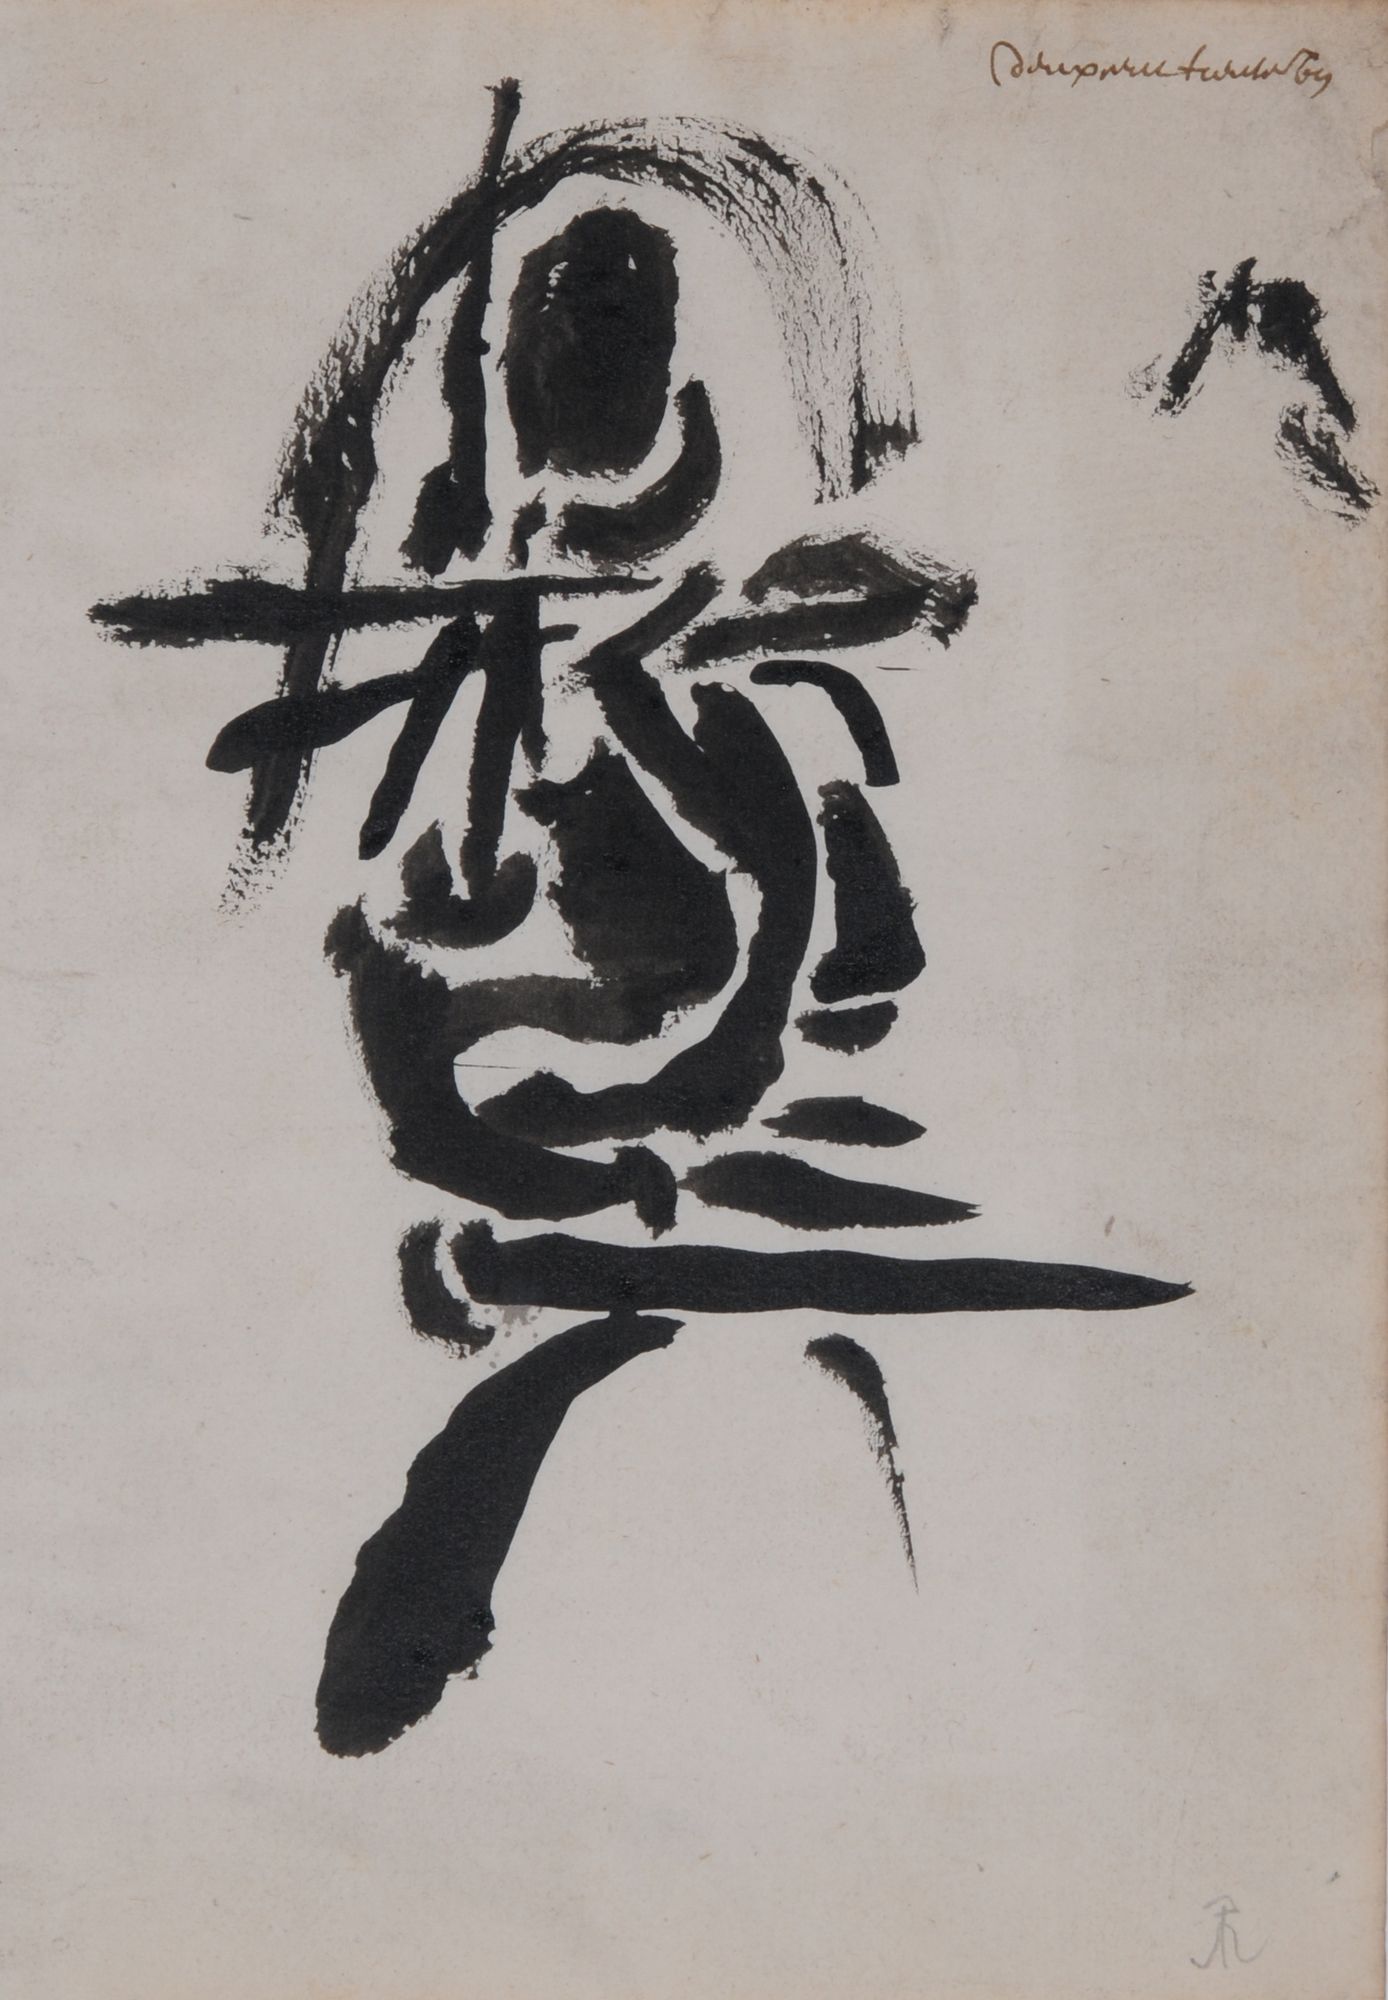 Robert Müller, Untitled